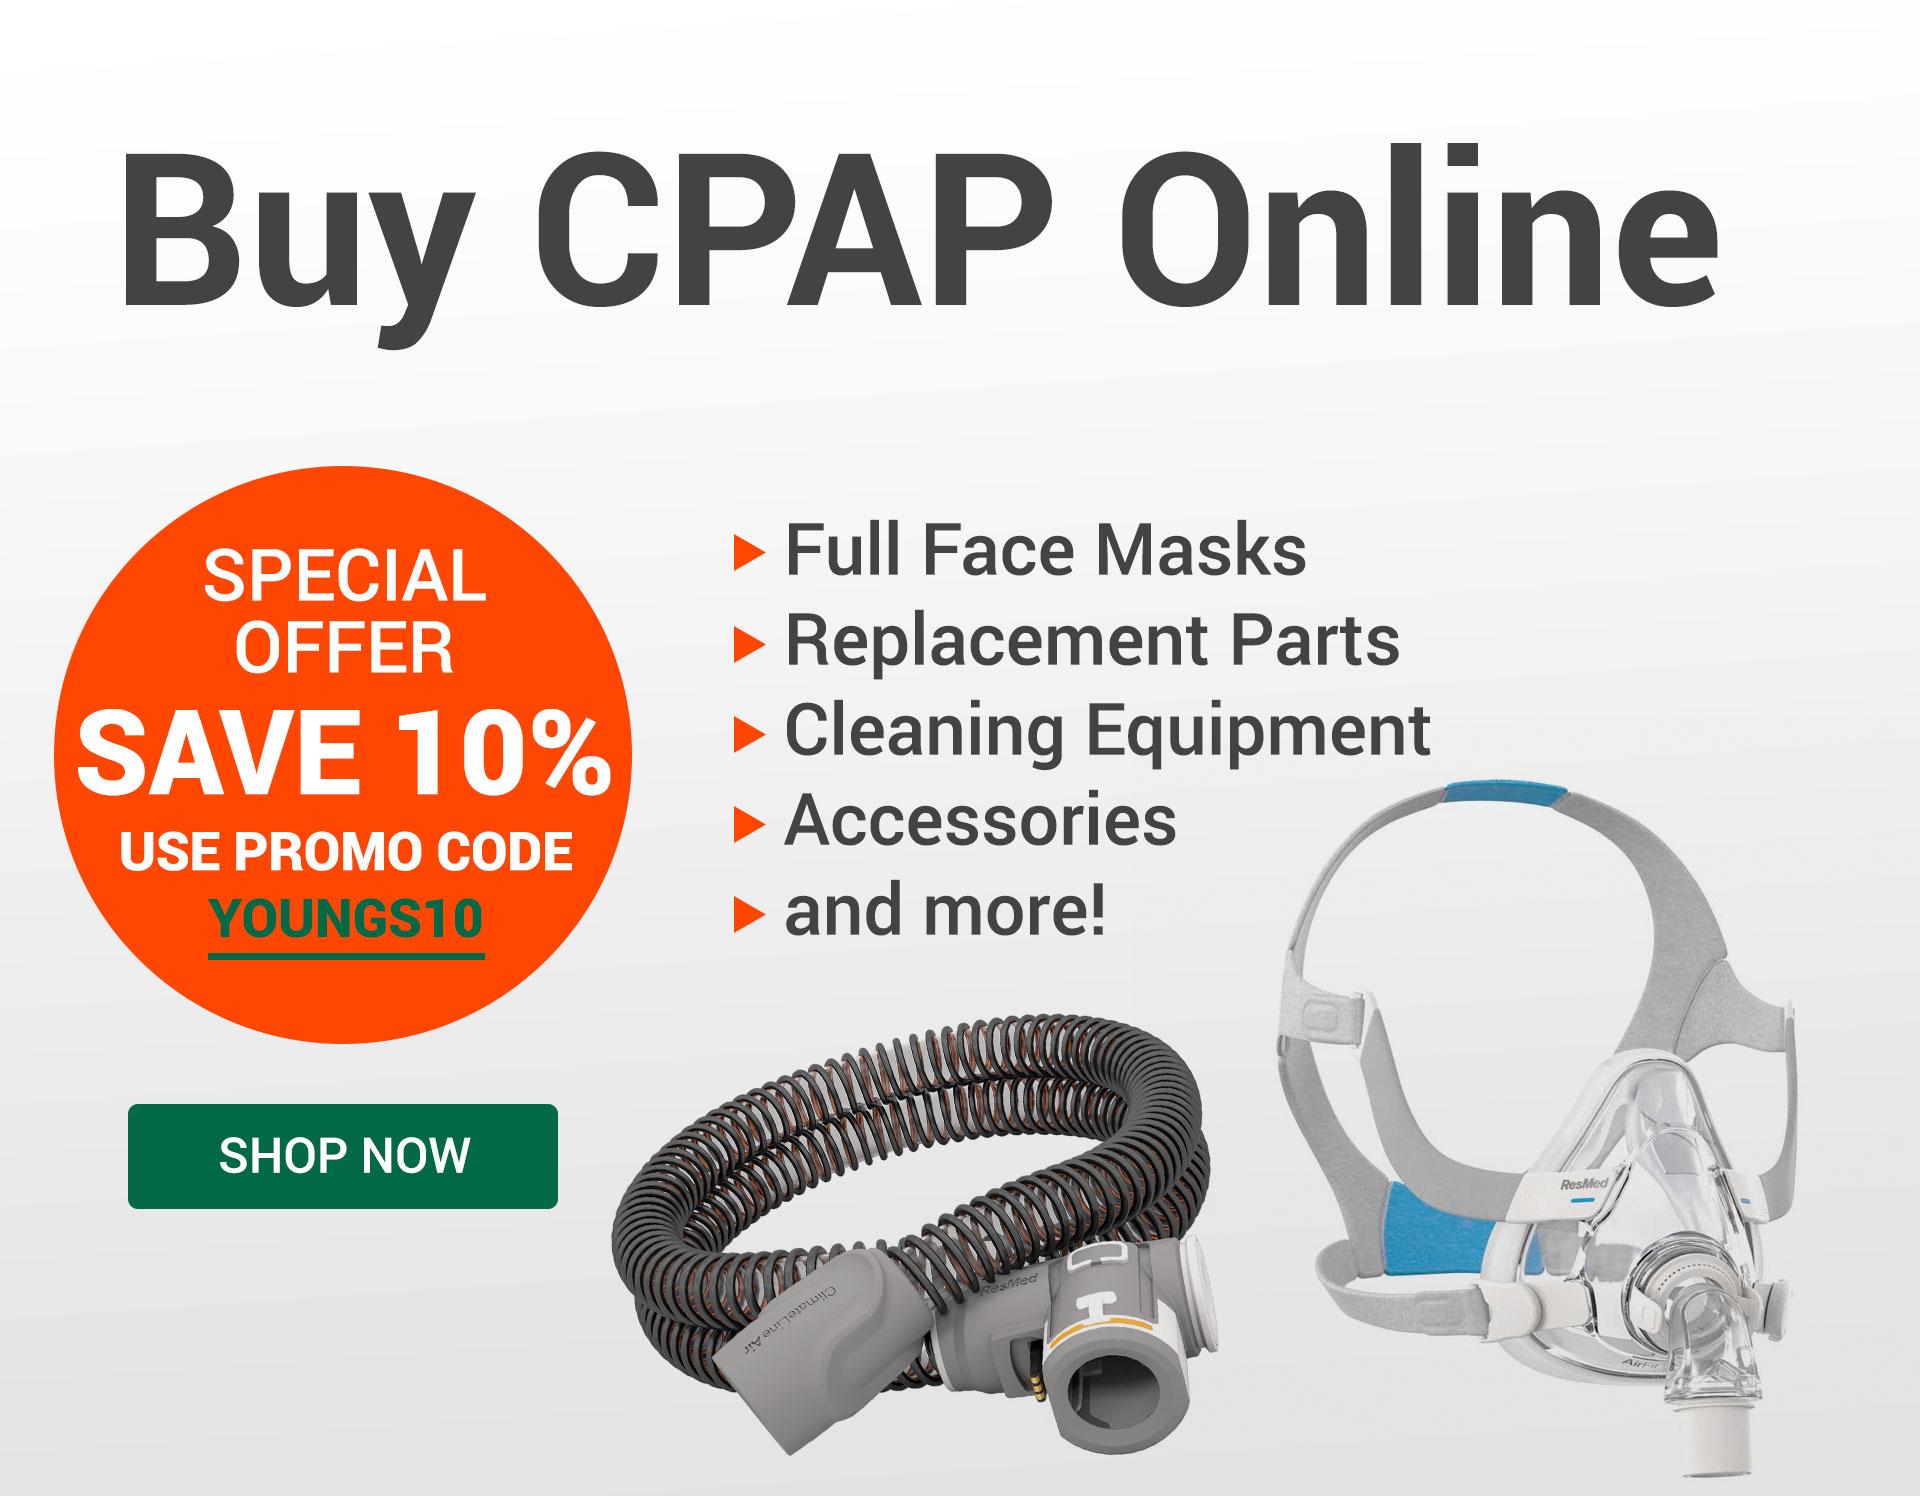 Buy CPAP Online